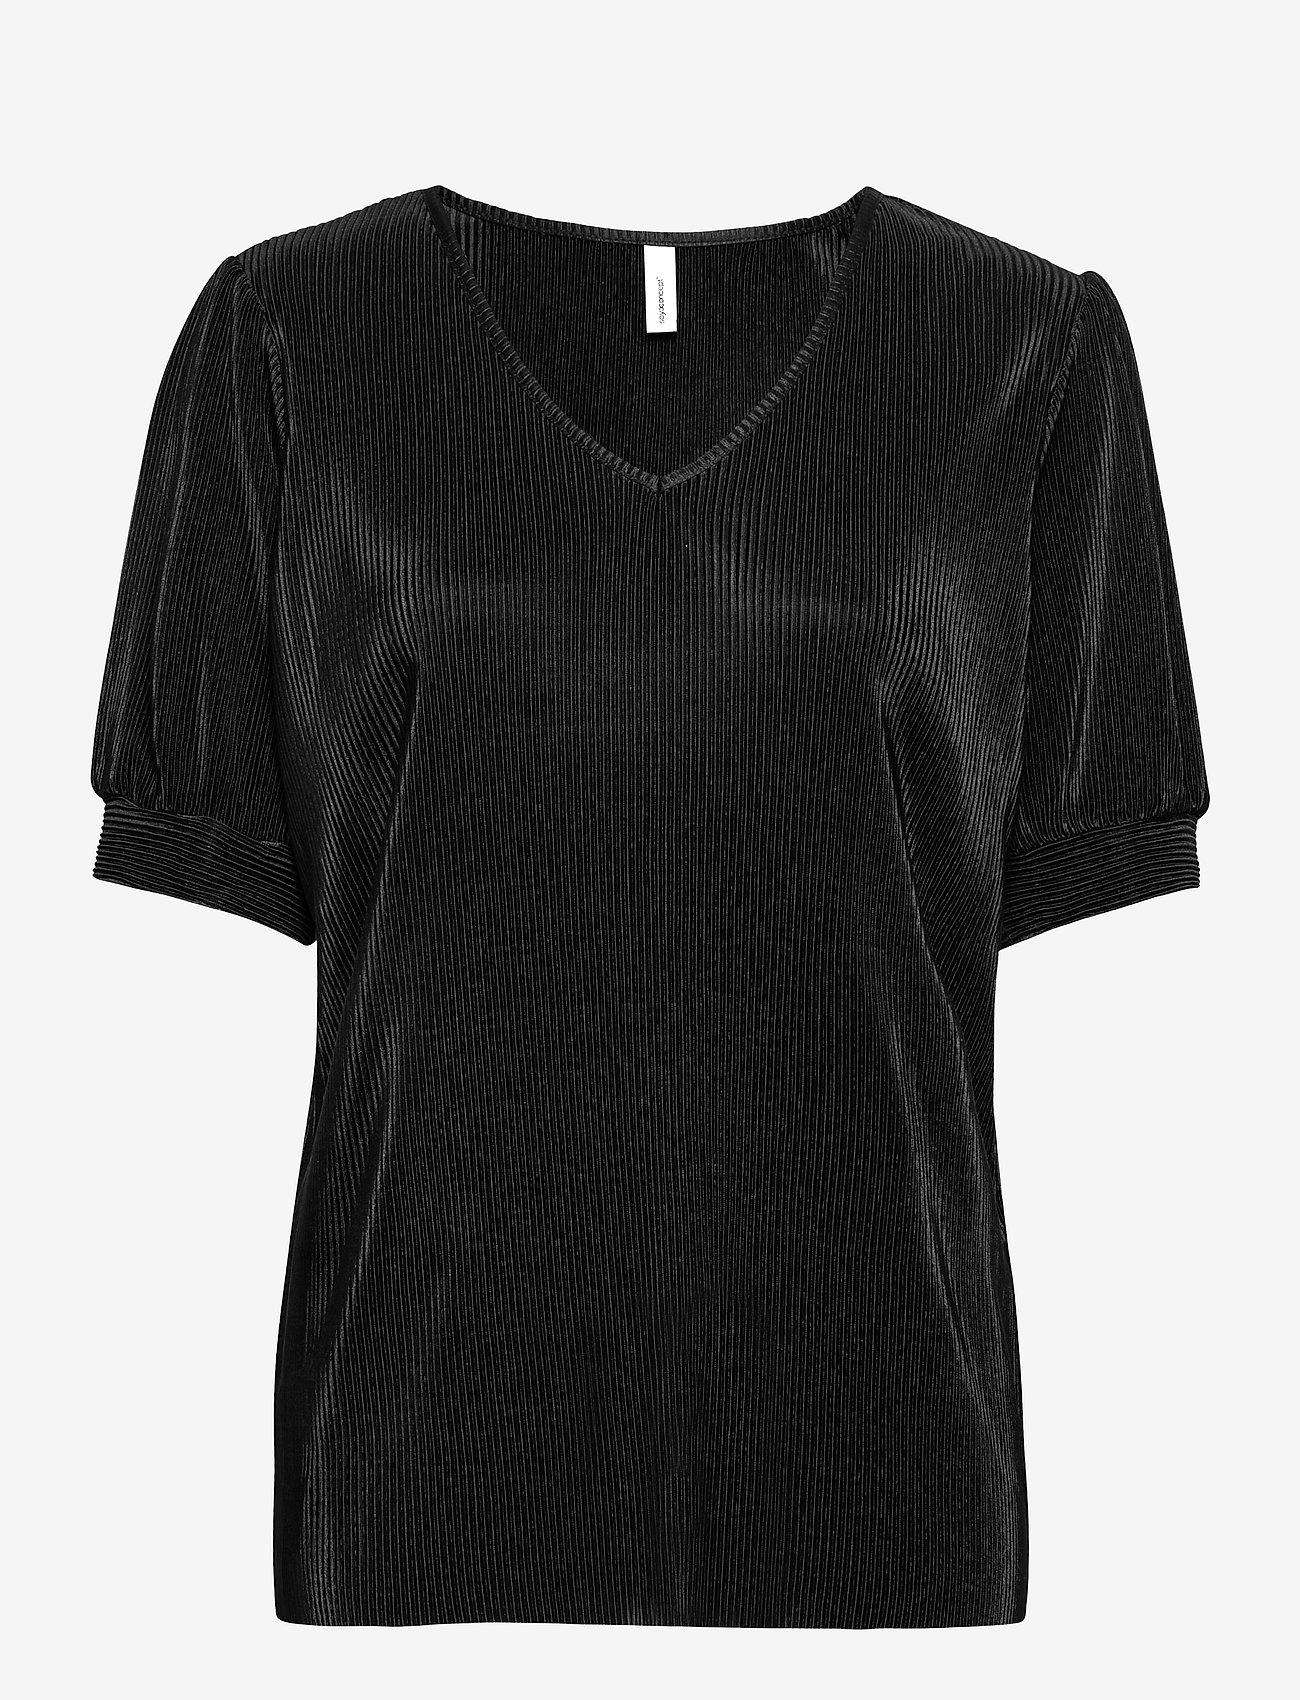 Soyaconcept - SC-NELLIE - short-sleeved blouses - black - 0